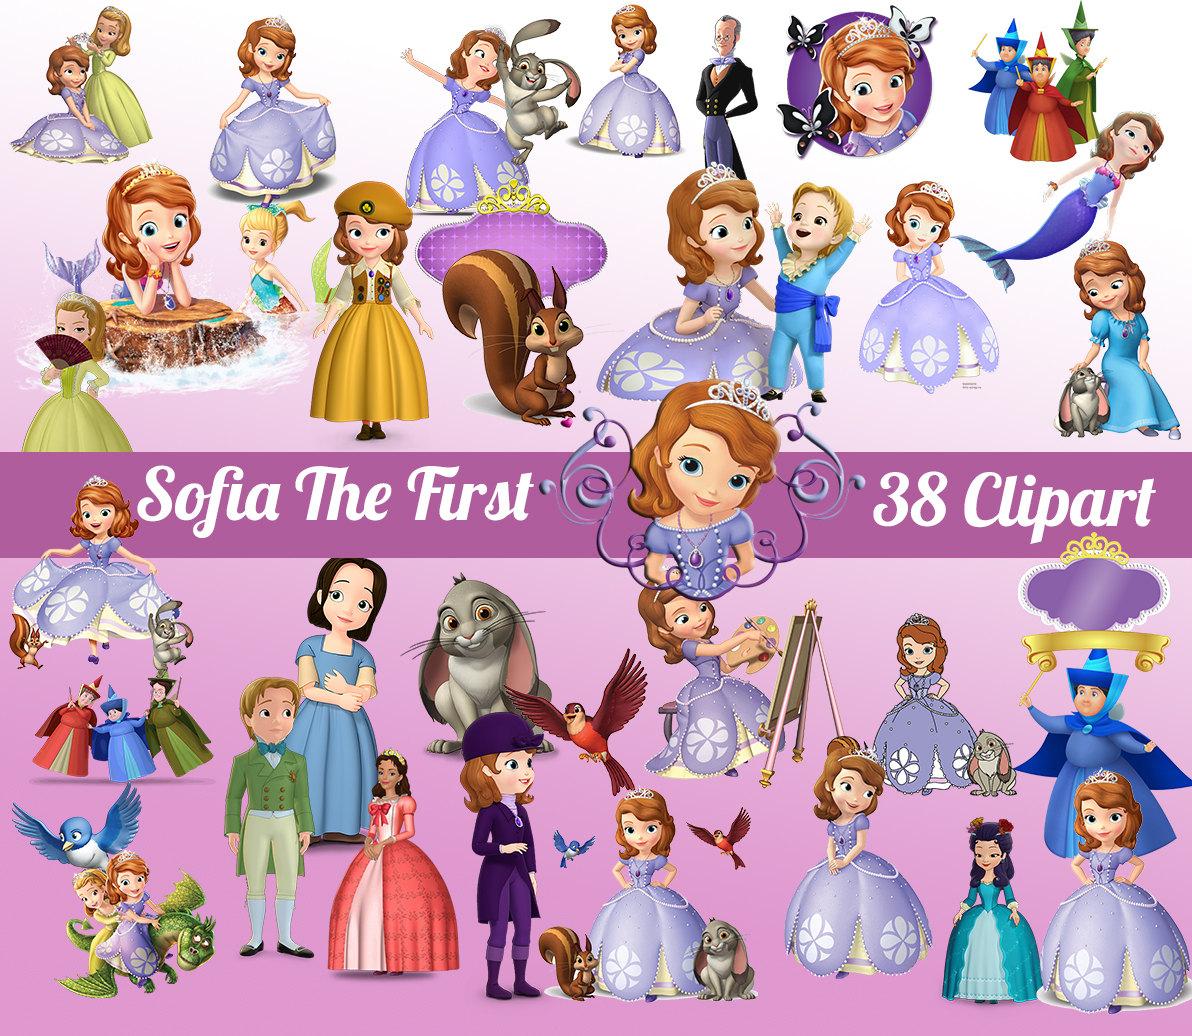 Necklace clipart princess sofia Sofia Sofia first 38 image